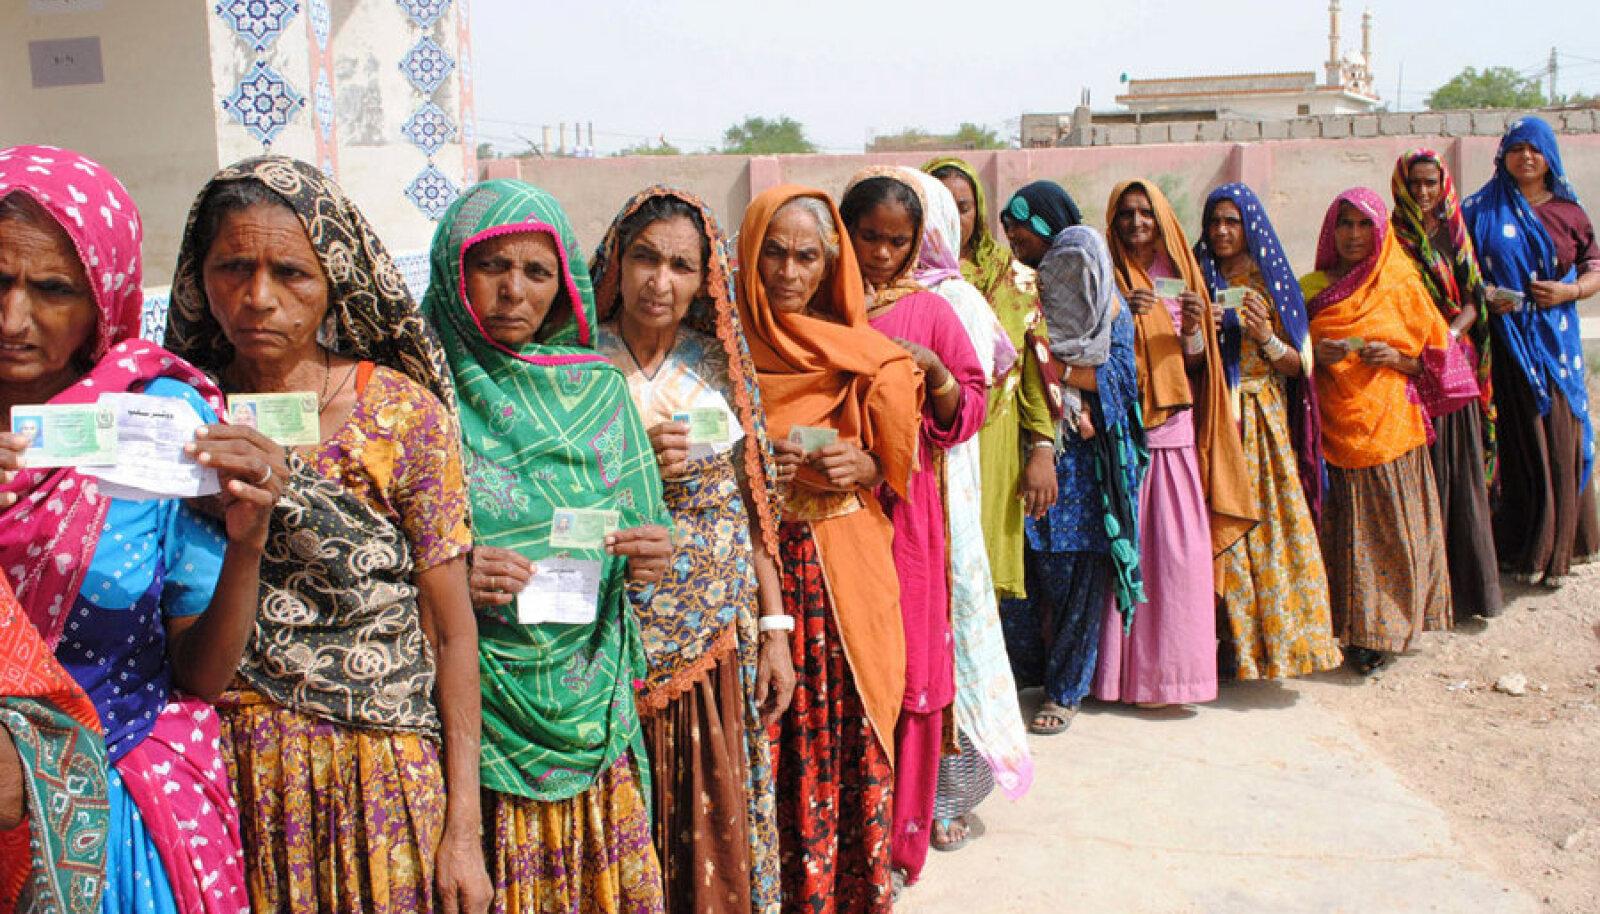 Talibani ähvardustest hoolimata käisid laupäeval valimas ka paljud Pakistani naised.